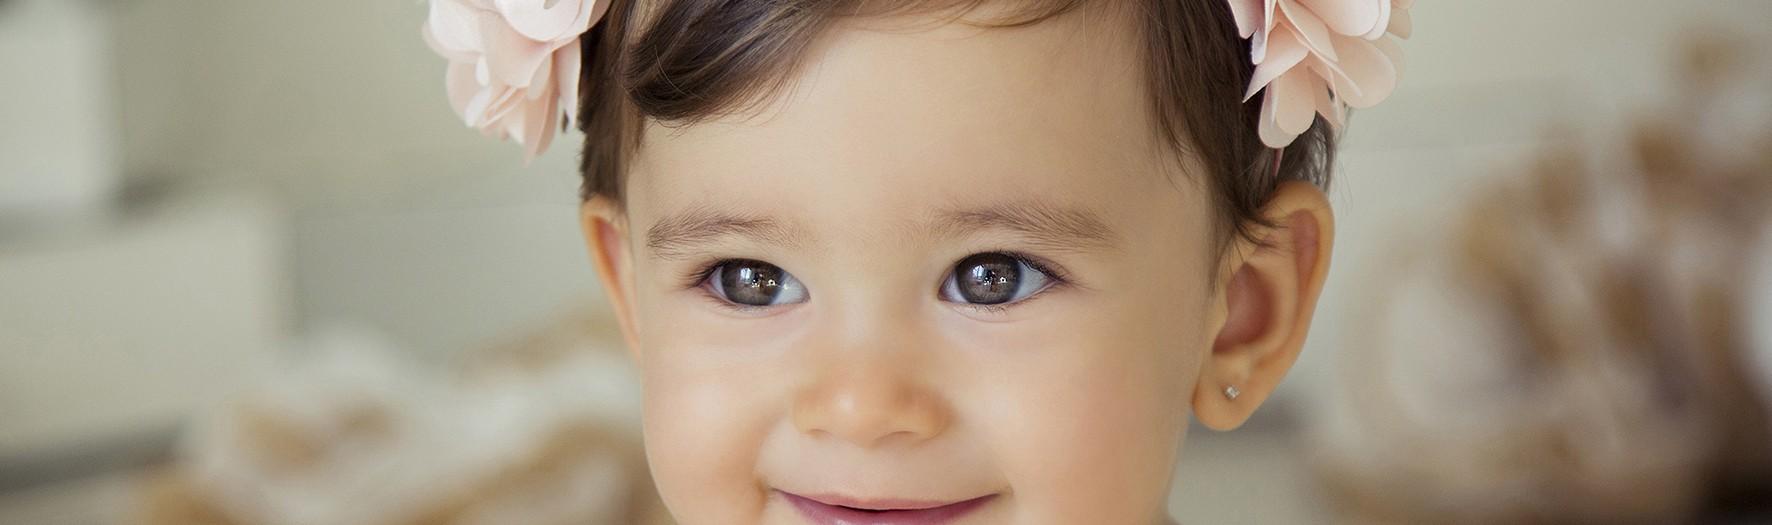 Fotos de seguimiento del primer añito + Fotógrafía infantil en Murcia + Mia.